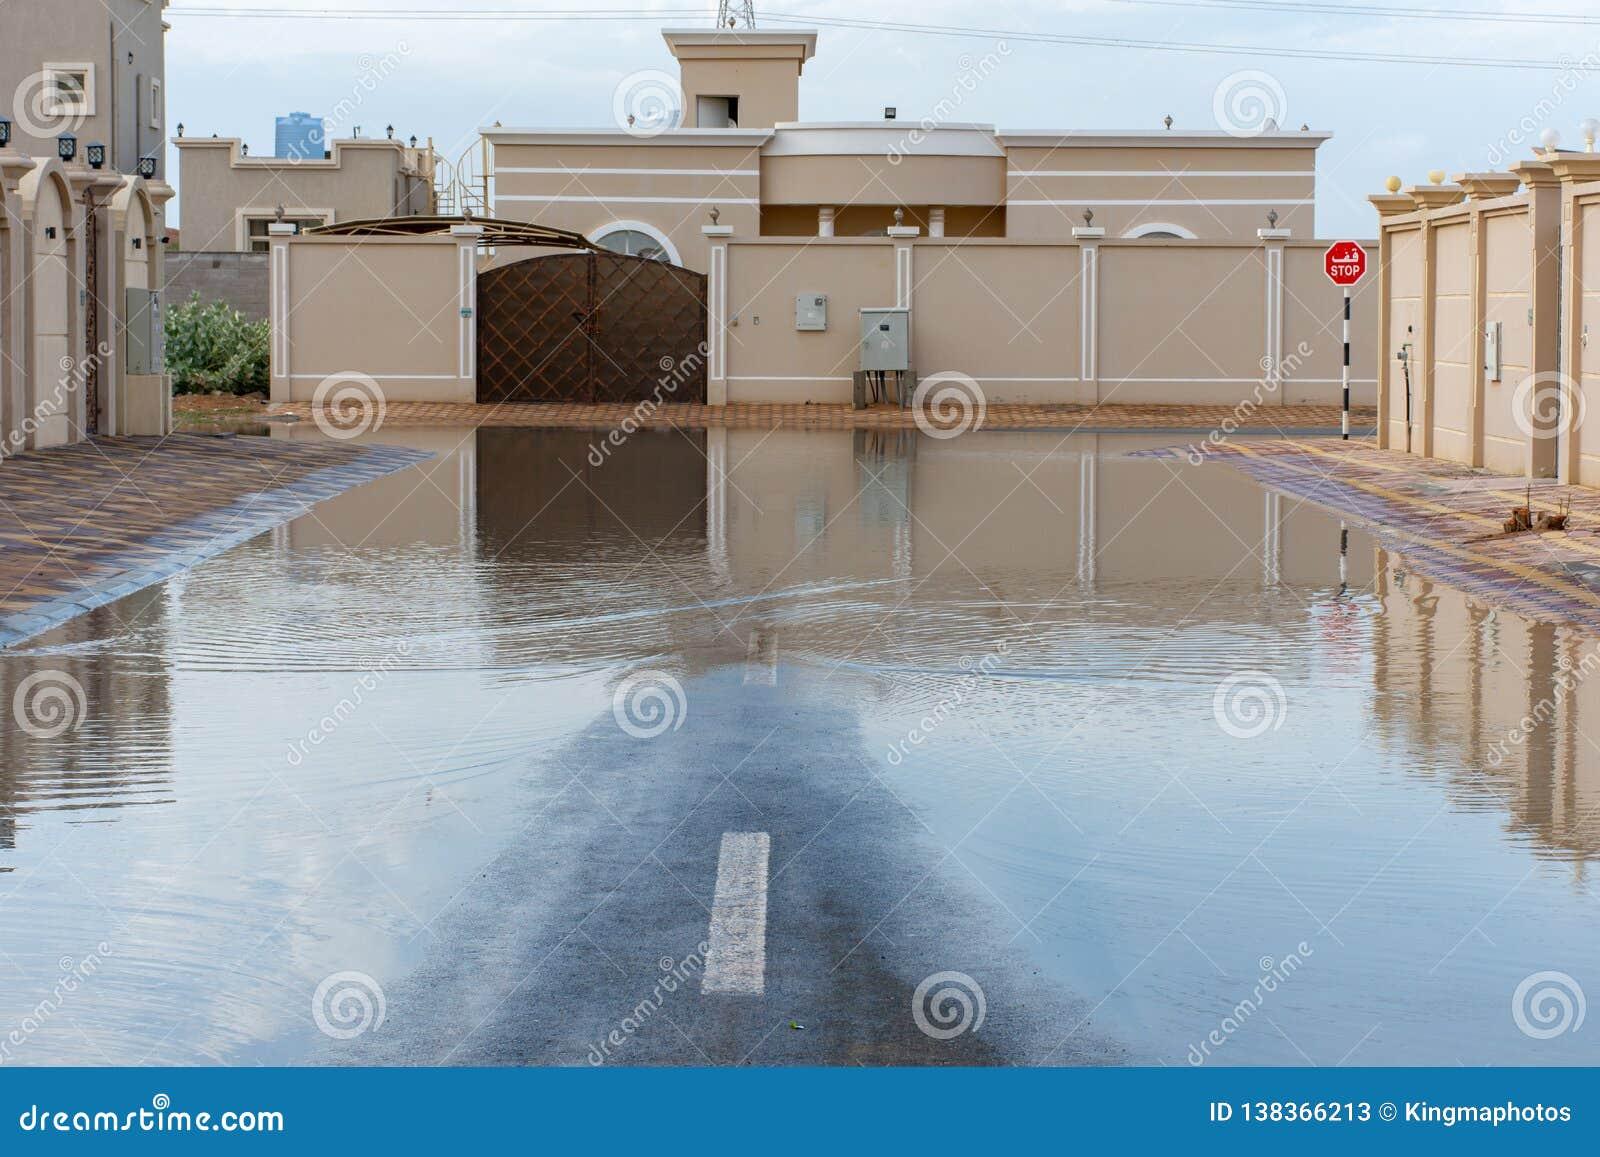 Gator som översvämmas i Förenadeen Arabemiraten efter ett häftigt regn